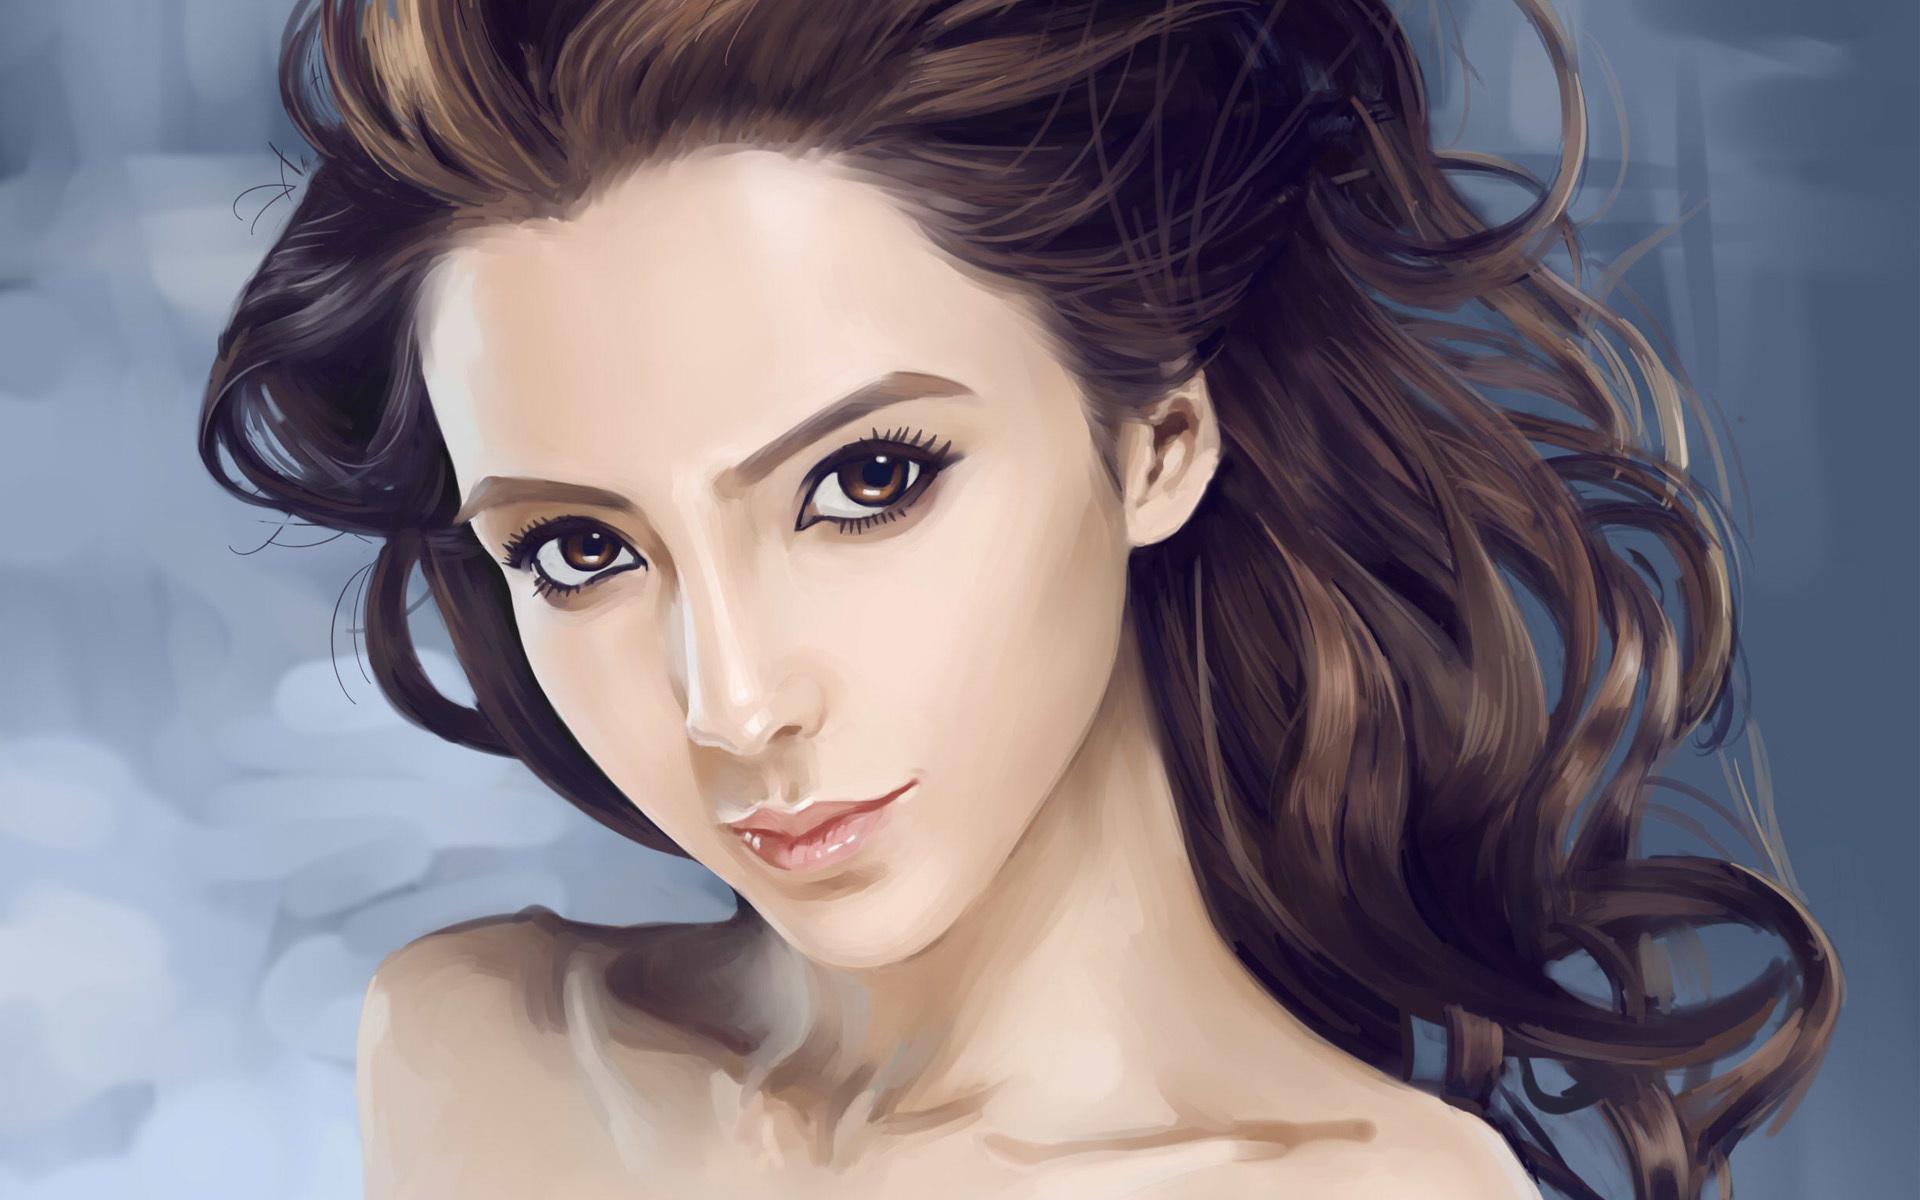 Картинки, нарисованные картинки с девушками красивыми